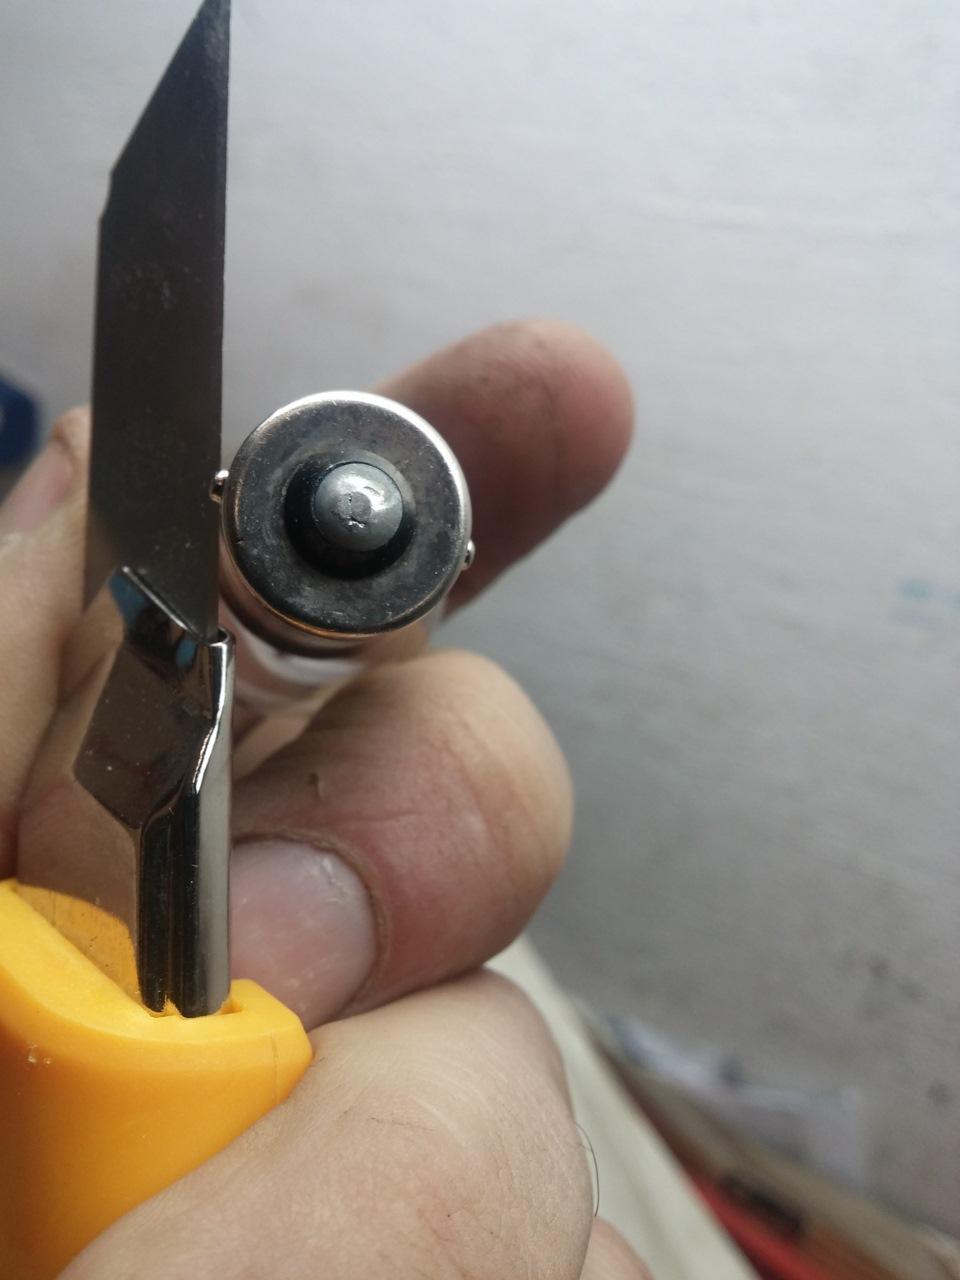 маркировка лампочки поворотника ситроен с4